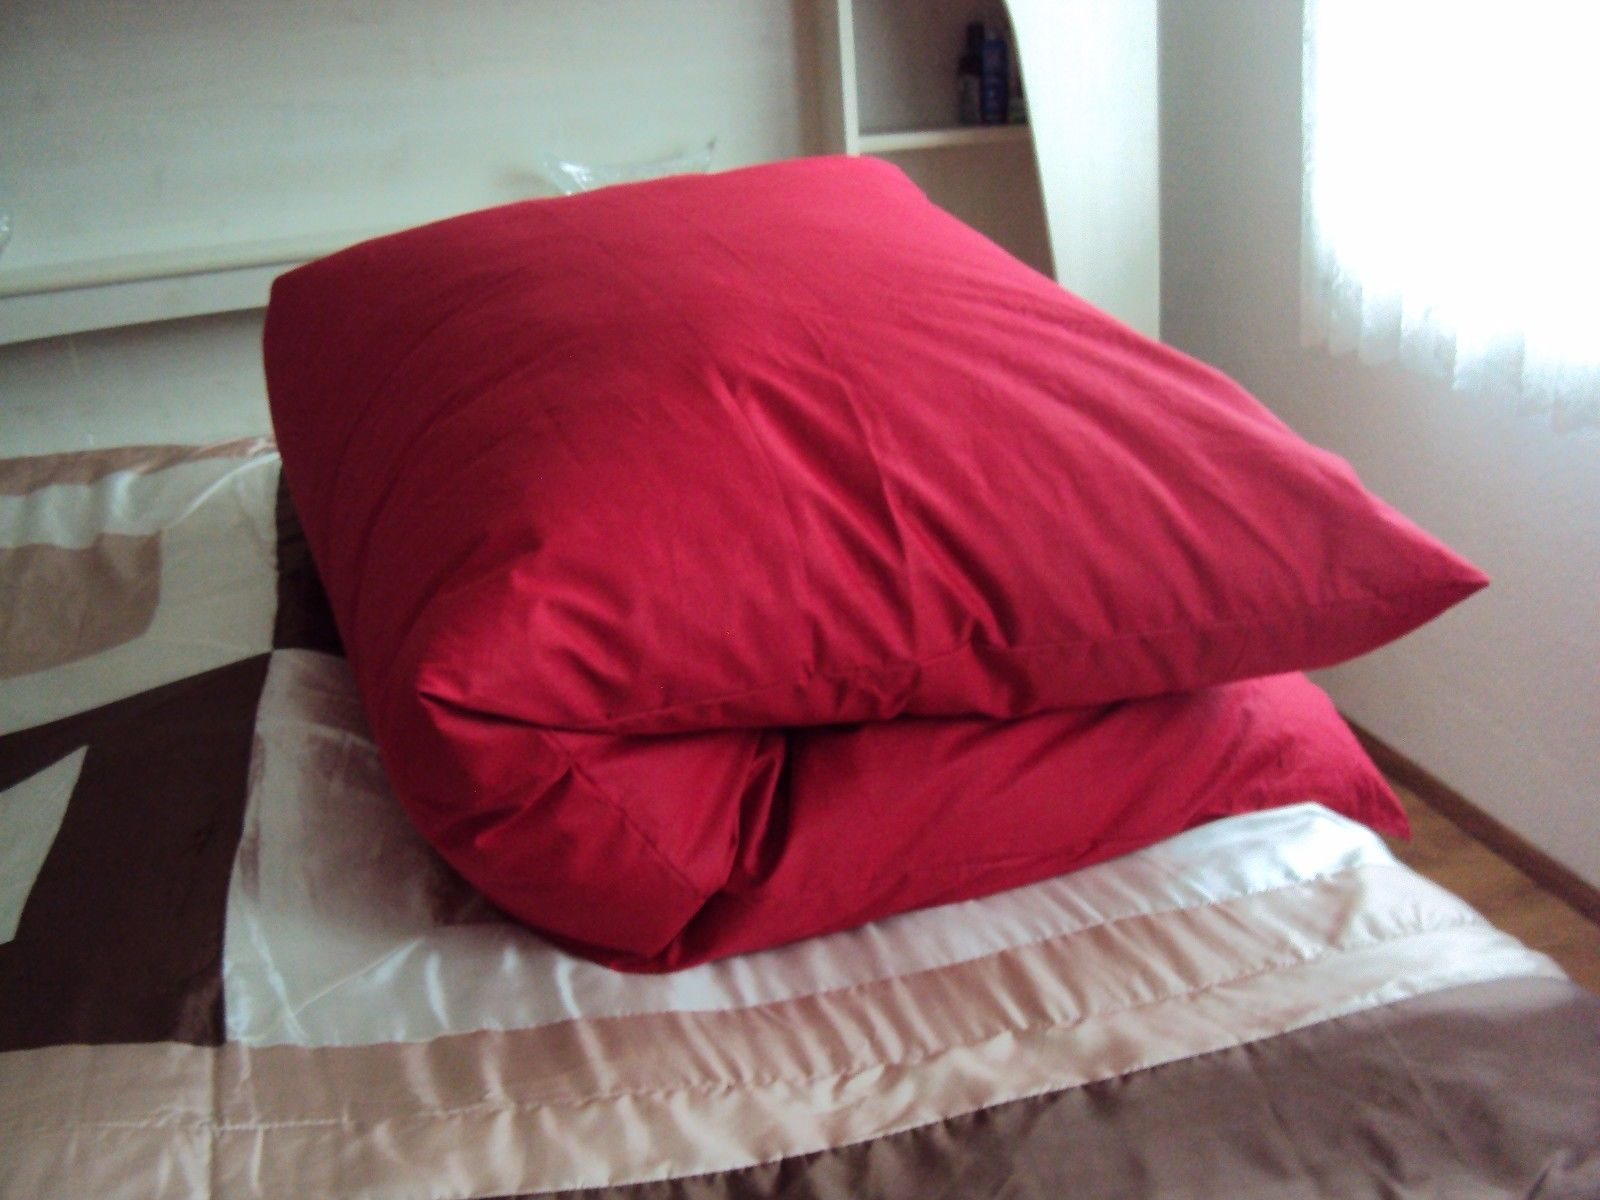 superior einfache dekoration und mobel daunendecken fuer einen erholsamen schlaf #3: Oberbett Ballonbett Federbett Daunenbett Daunendecke 135 x 200 cm